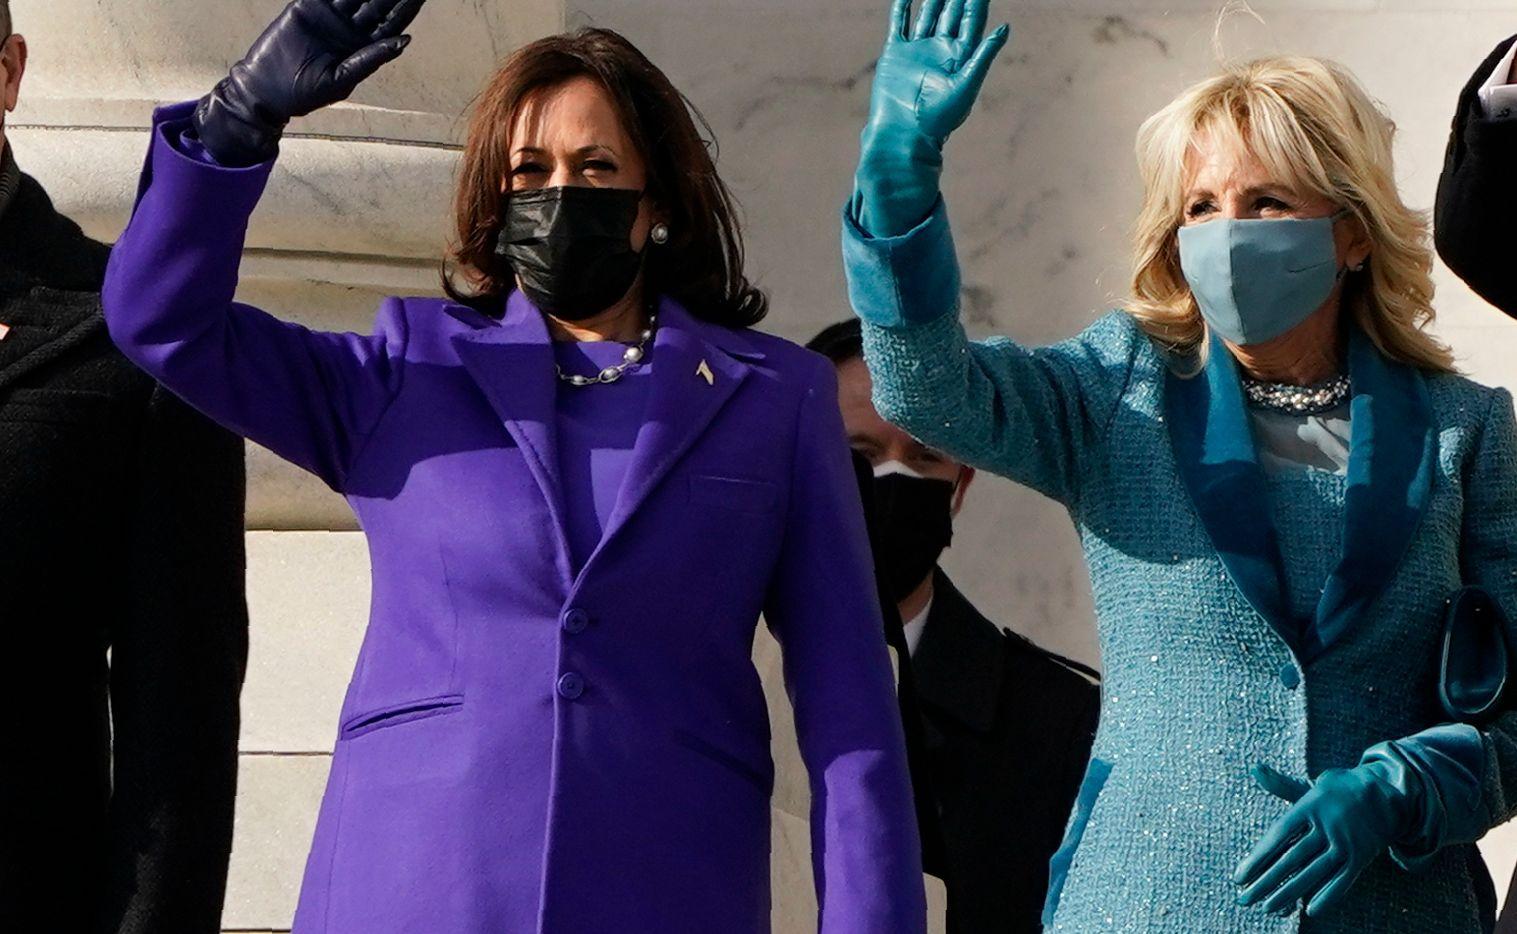 La vicepresidenta Kamala Harris (morado) y la Primera Dama, Jill Biden, portaron diseños similares en su atuendo durante la toma de posesión del 20 de enero de 2021 en Washington.